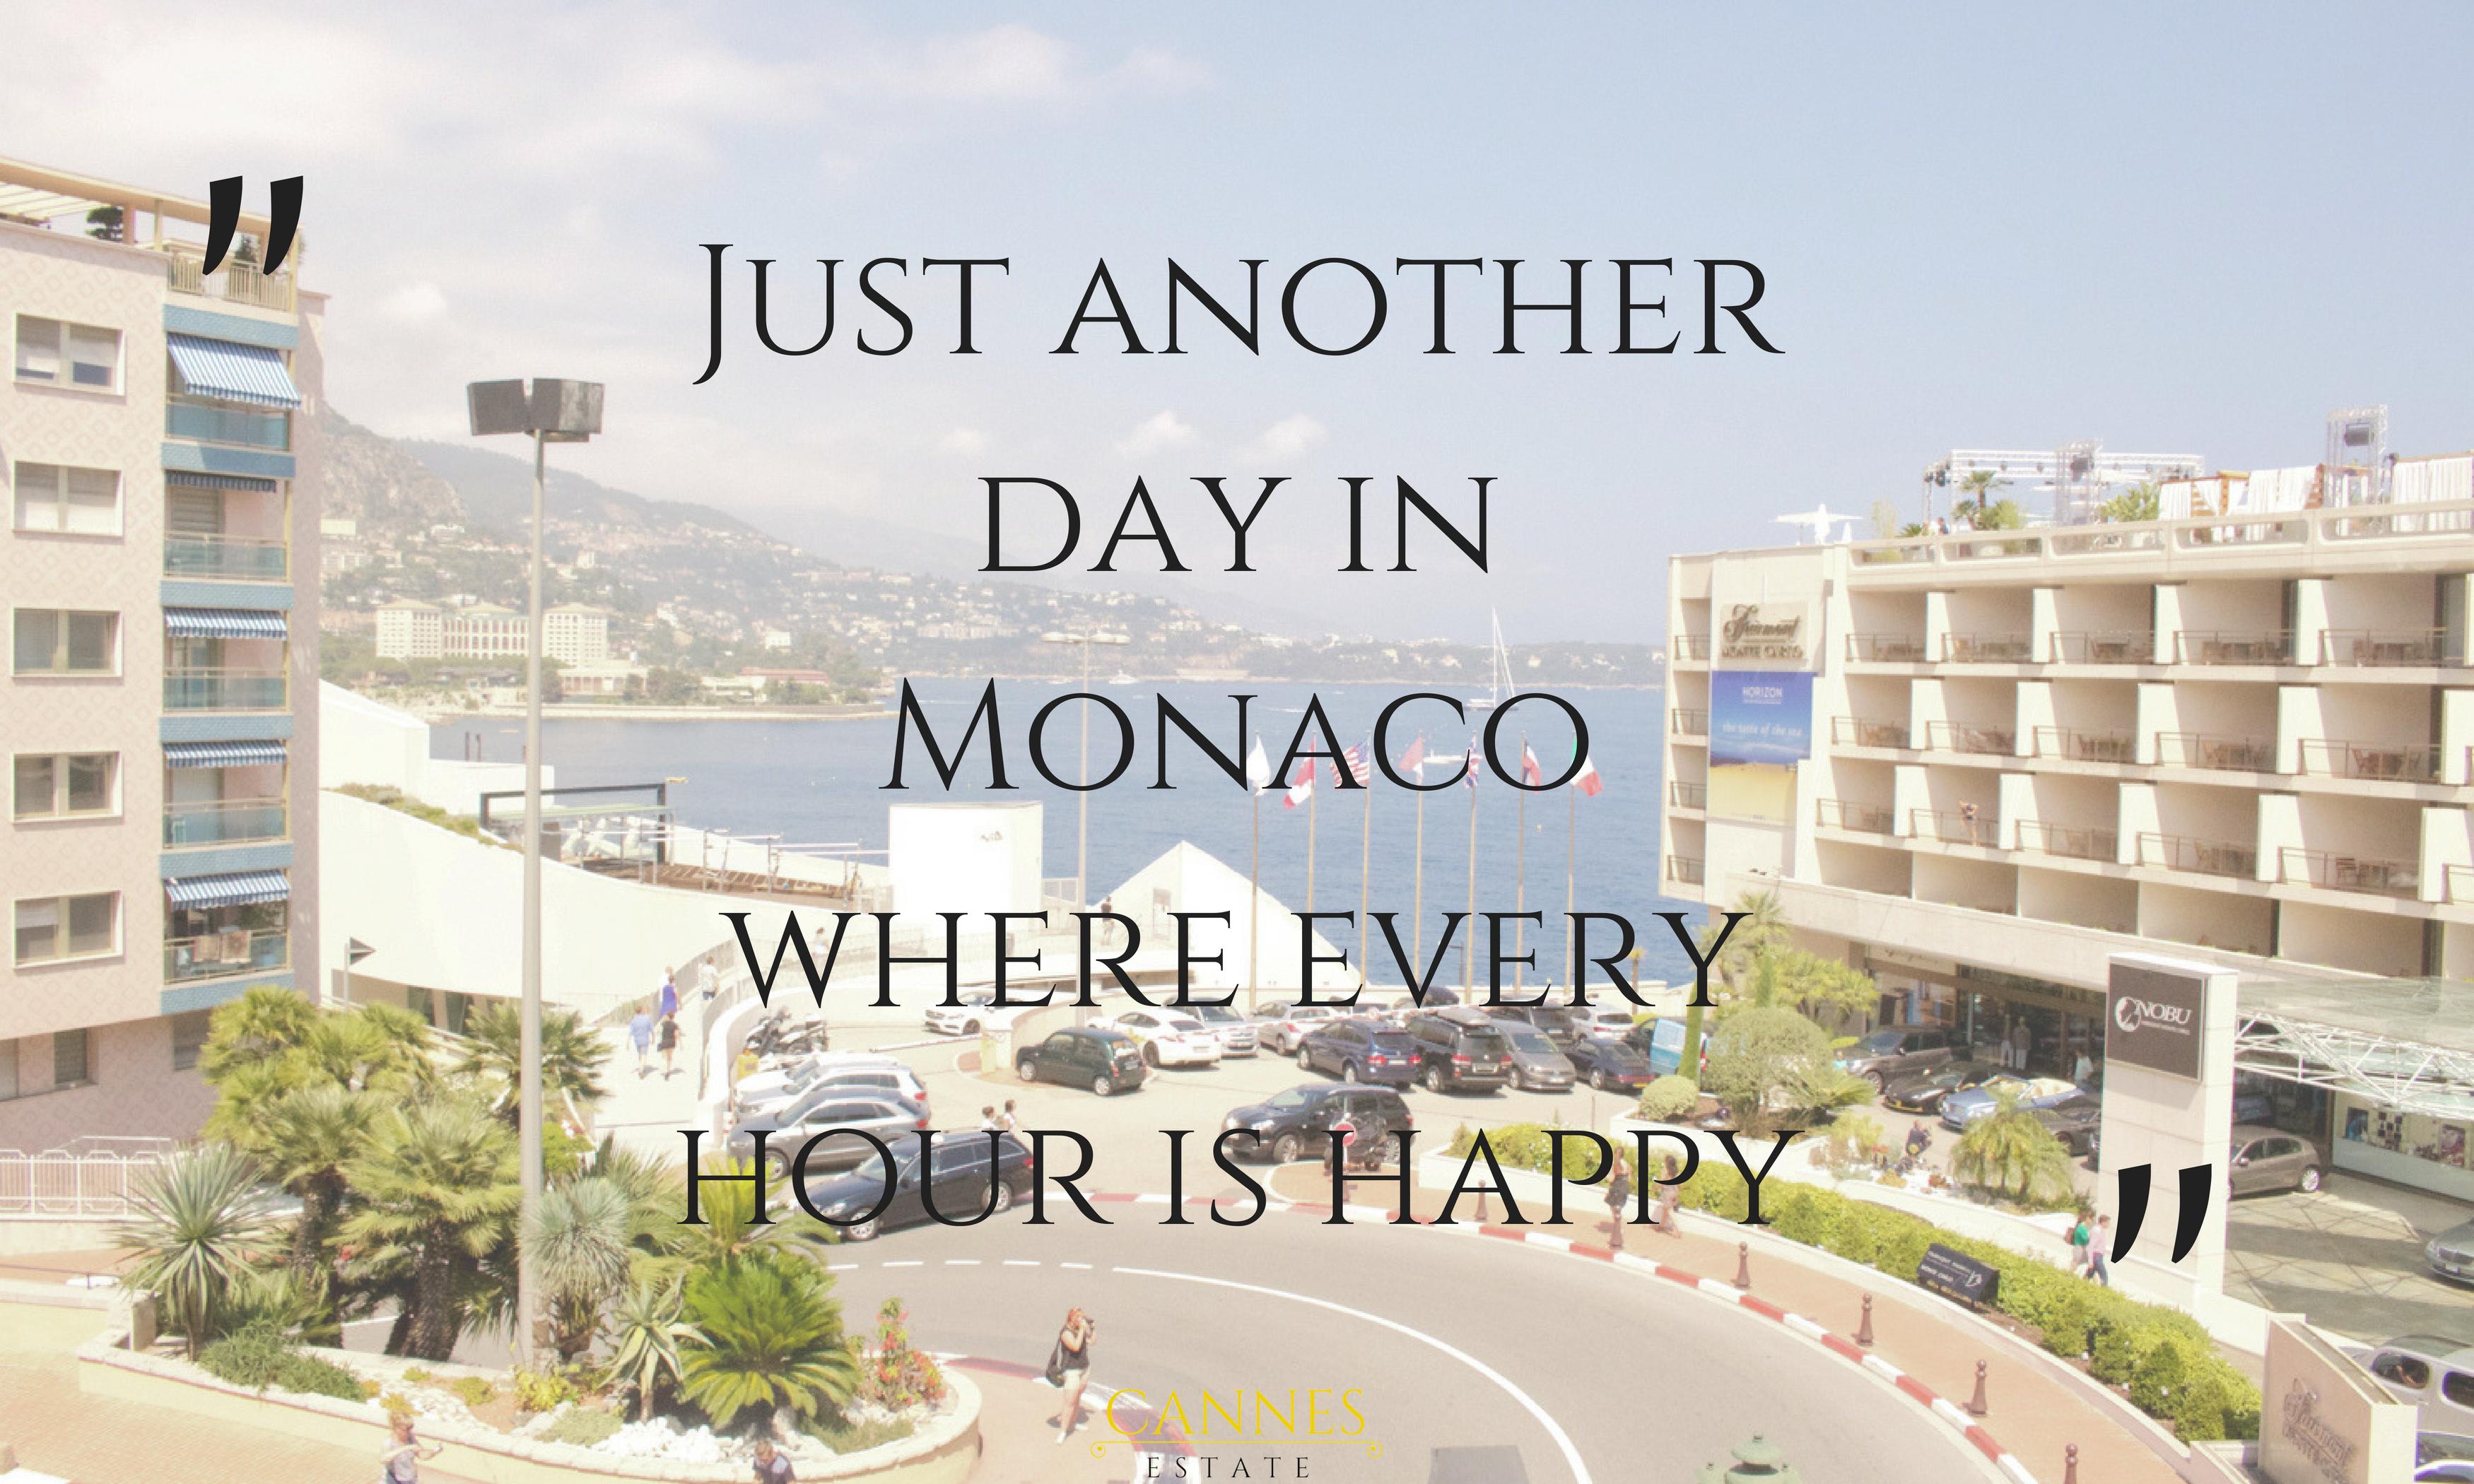 Monaco quote